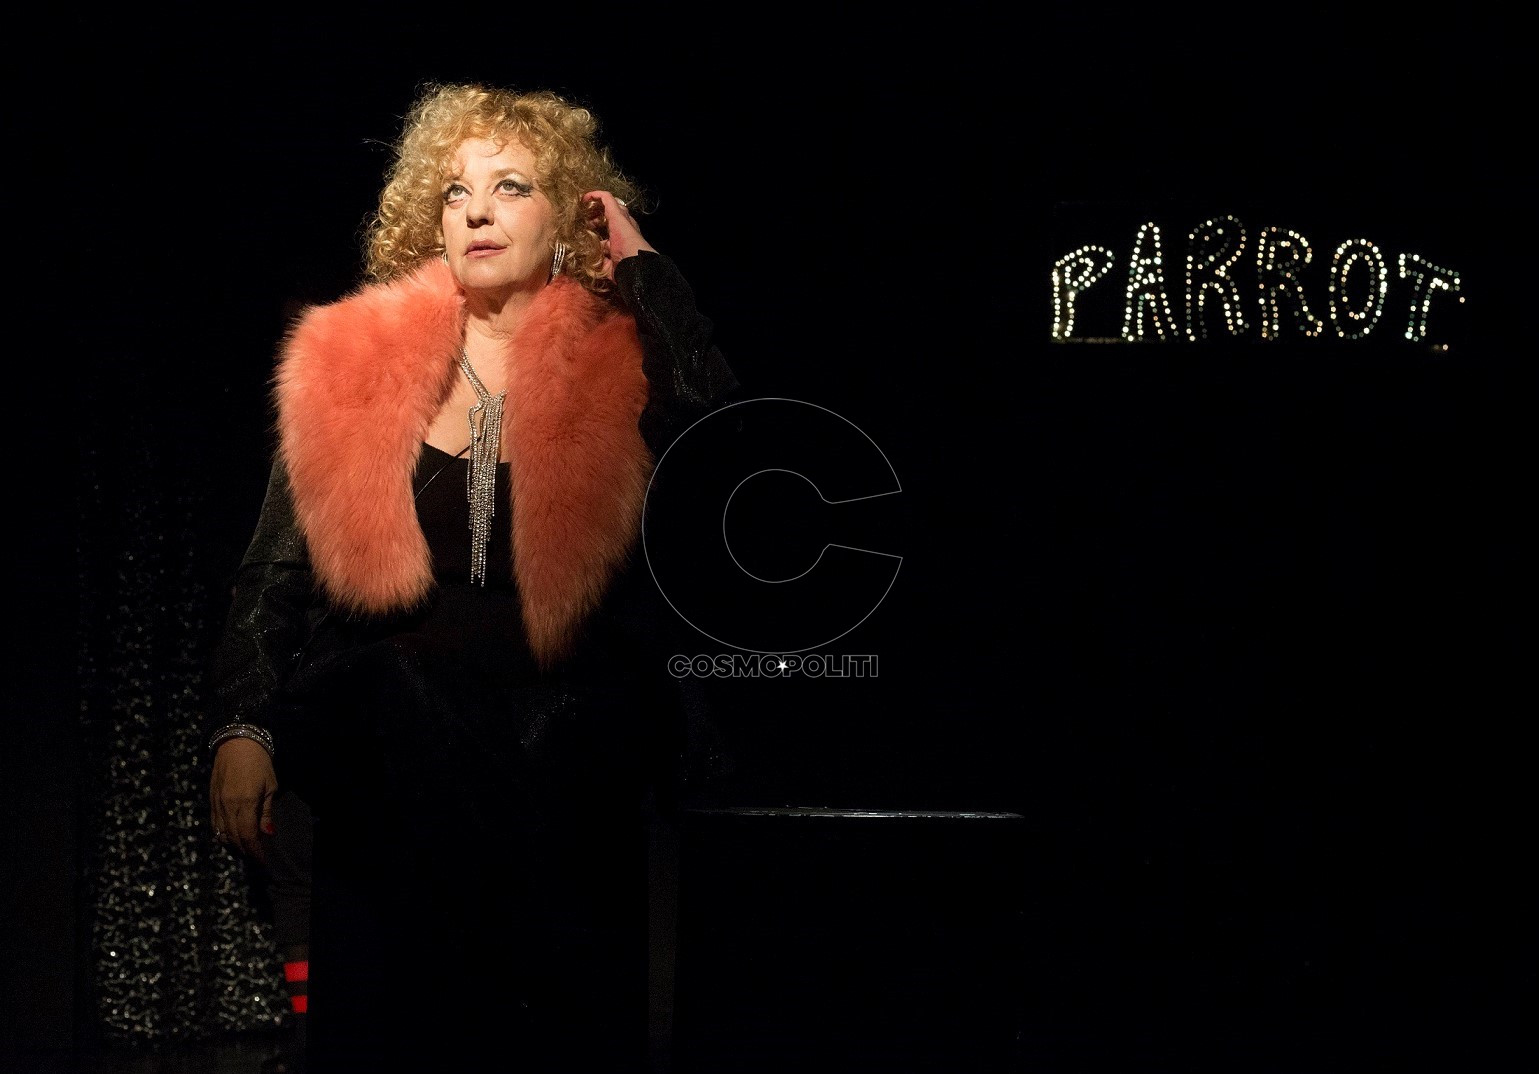 02 Parrot Parrot_Θέατρο Παραμυθίας